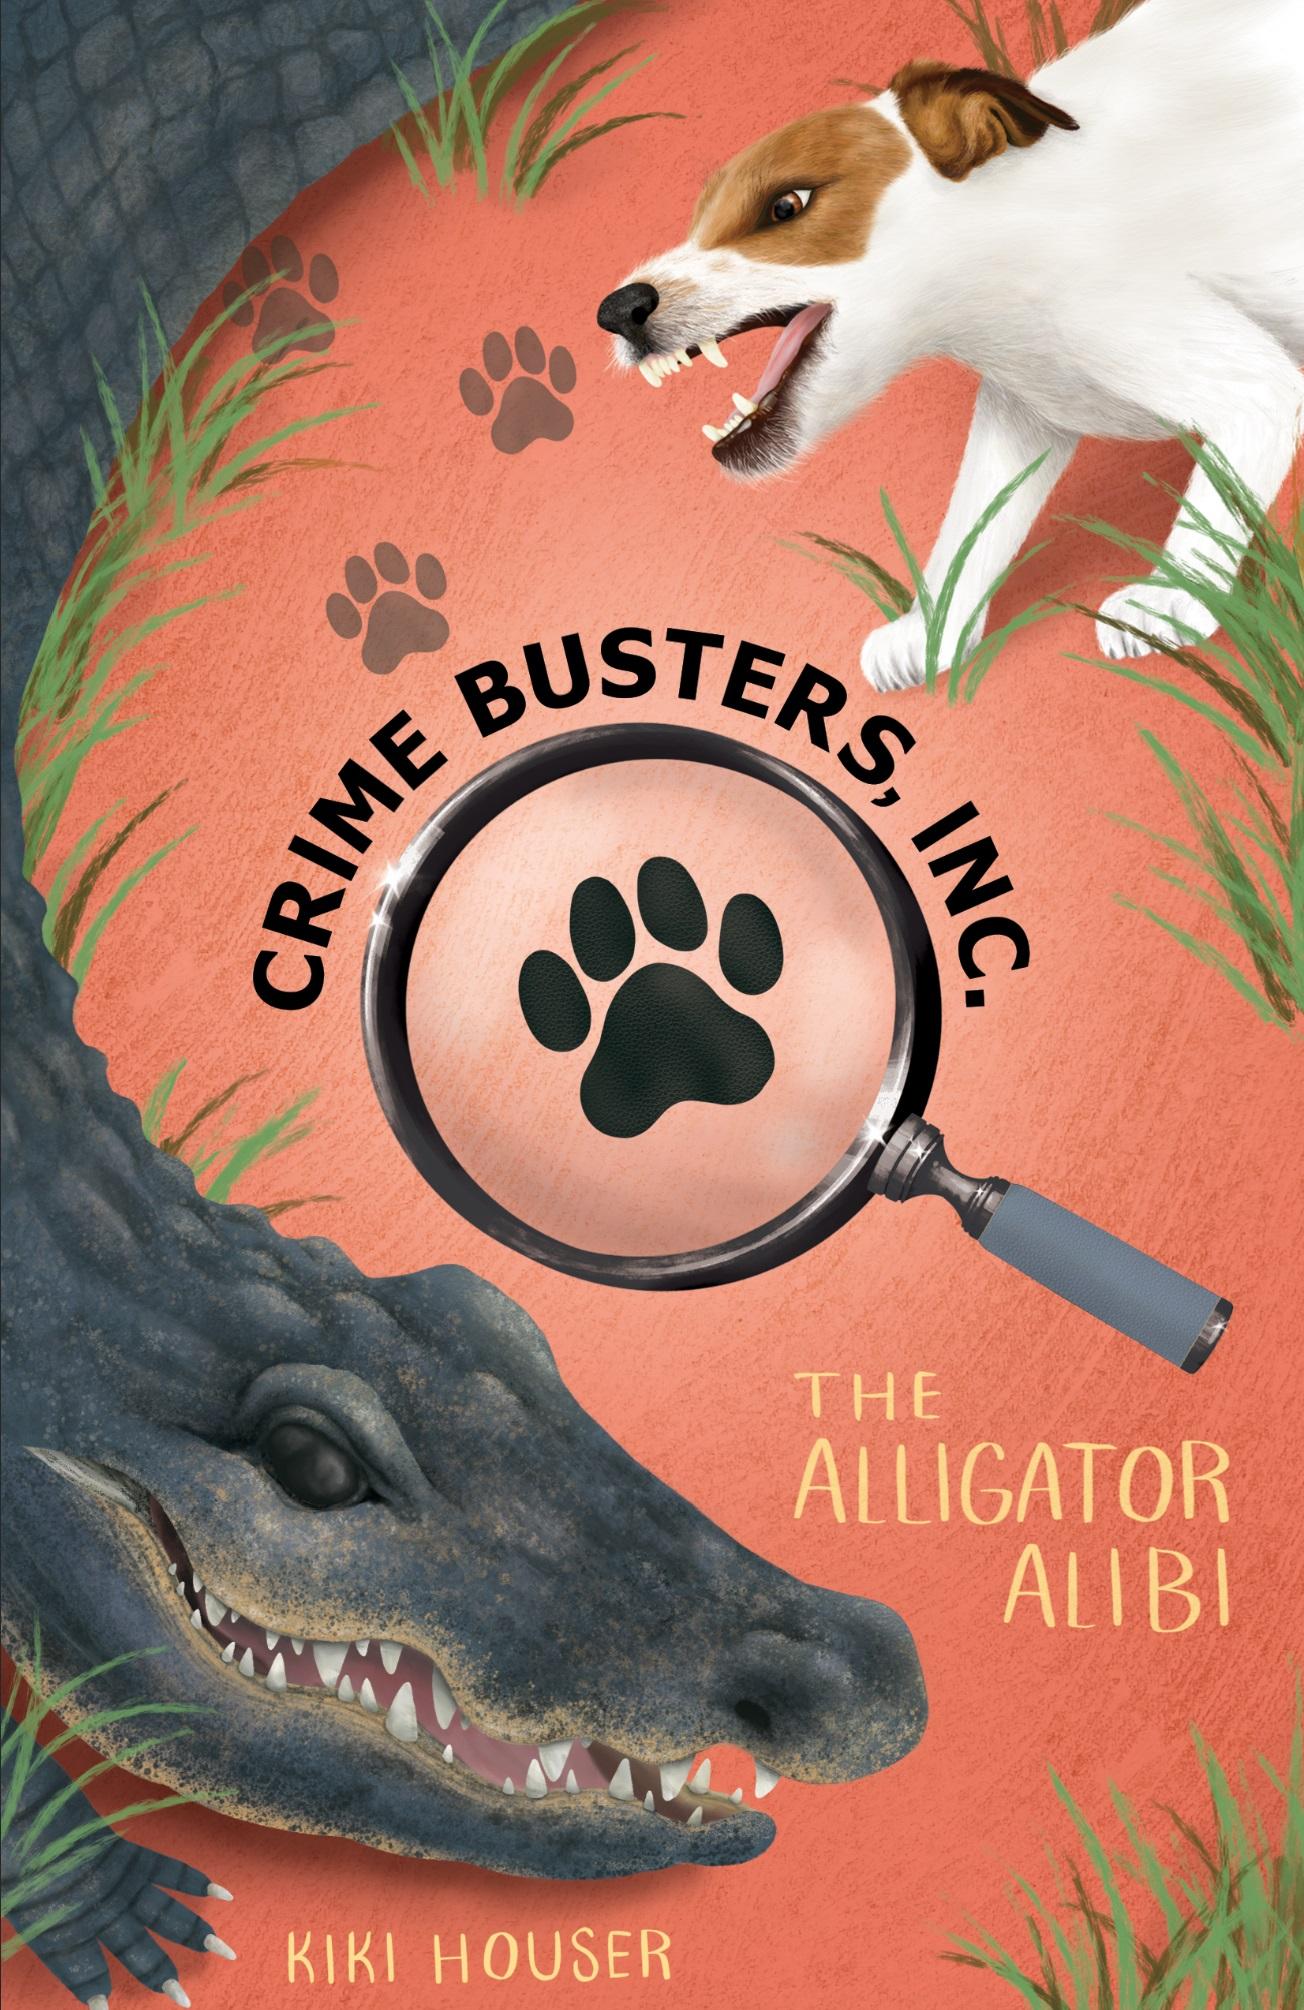 Crime Busters_Alligator Alibi_FrontCVR_FINAL.jpg